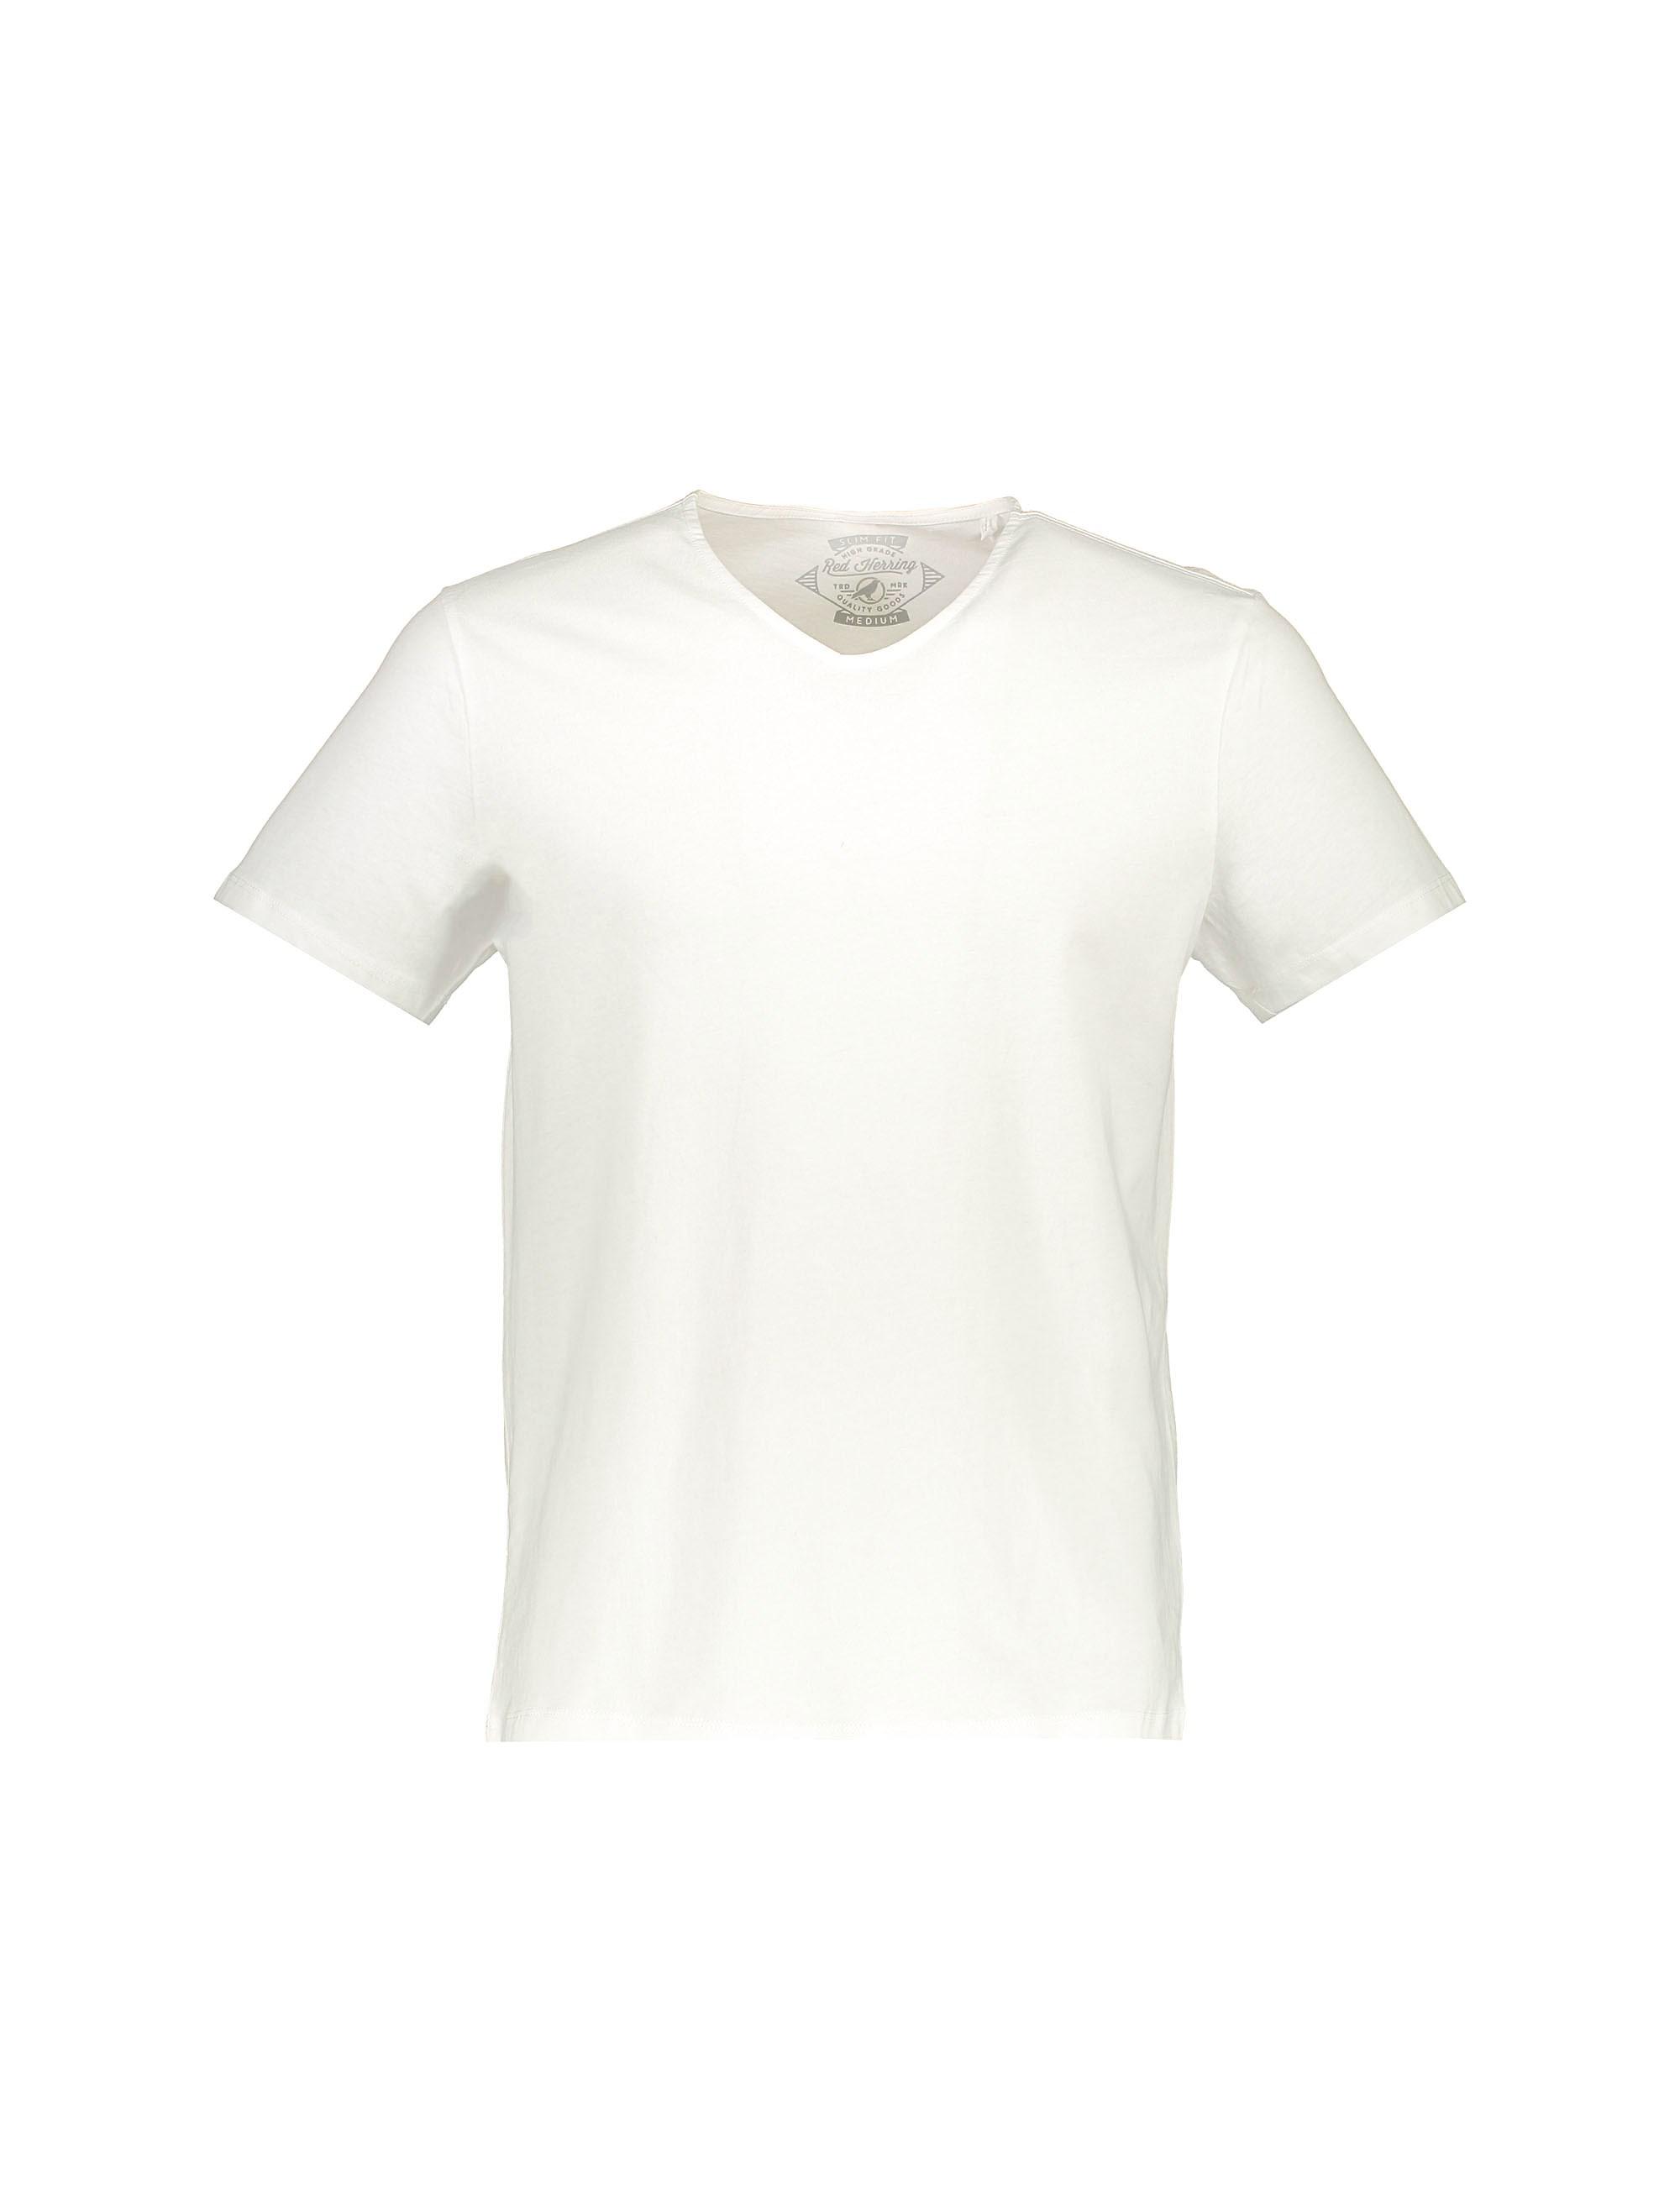 تی شرت نخی یقه هفت مردانه - رد هرینگ - سفيد - 1